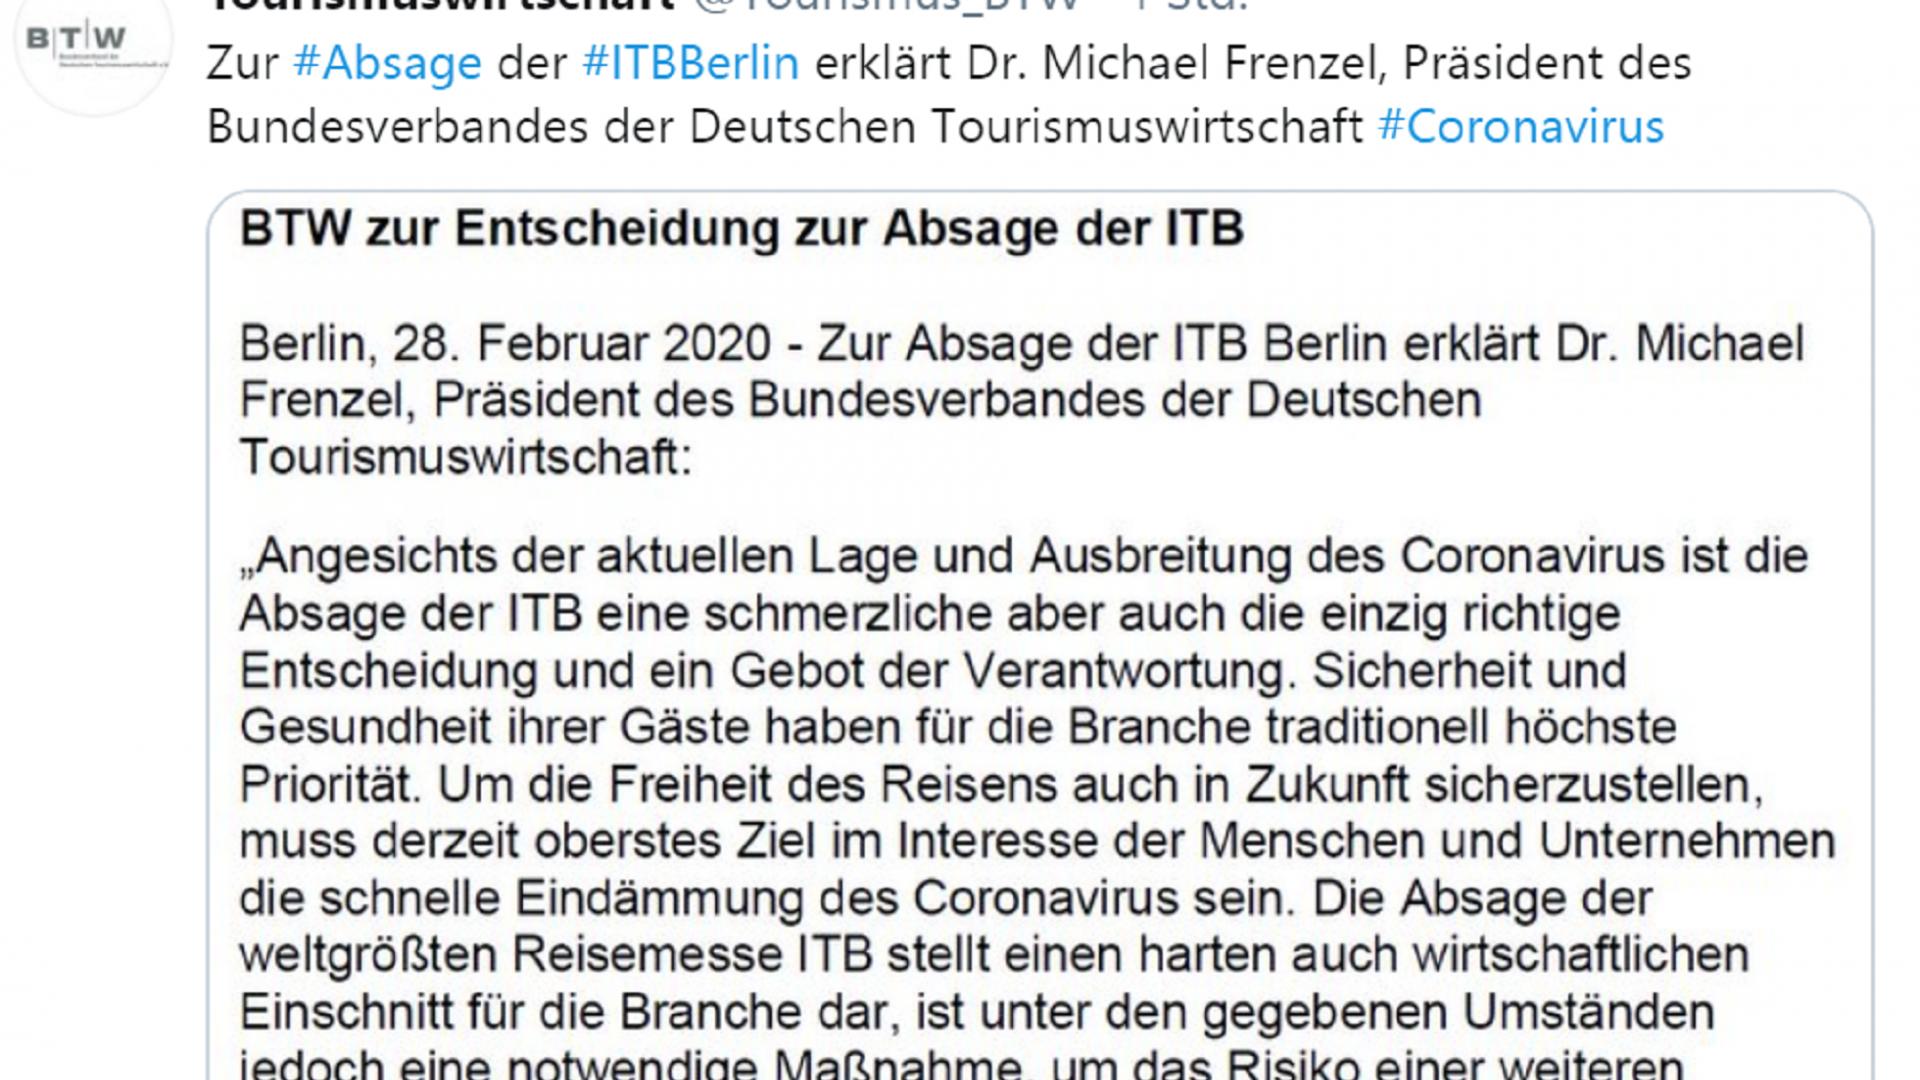 Twitter-Beitrag von Tourismuswirtschaft zur Absage der iTB Berlin